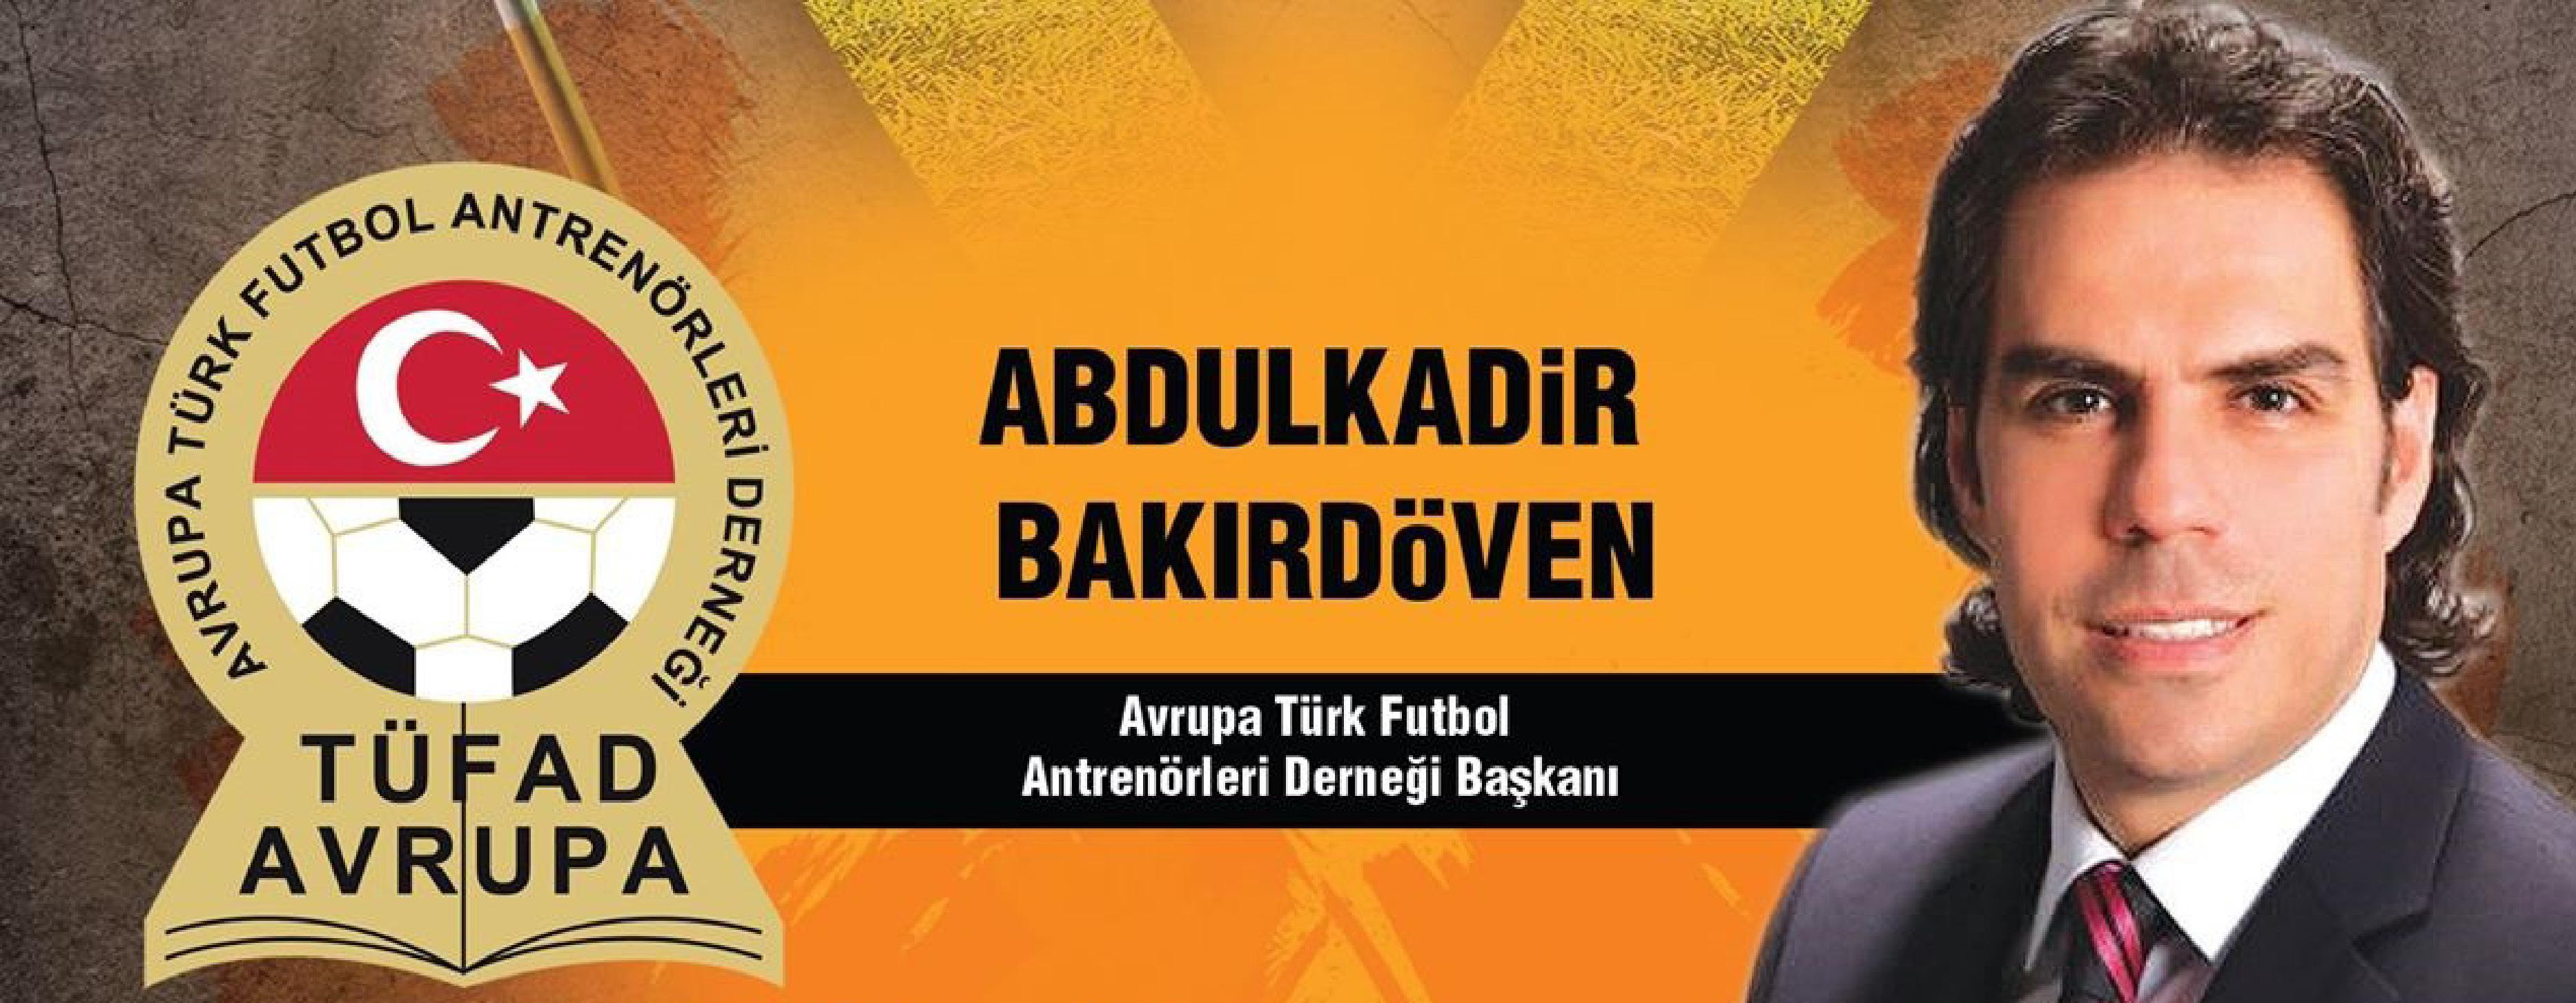 Türk Futbol Antrenörleri Derneği Avrupa Şubesi Başkanı Abdulkadir Bakırdöven